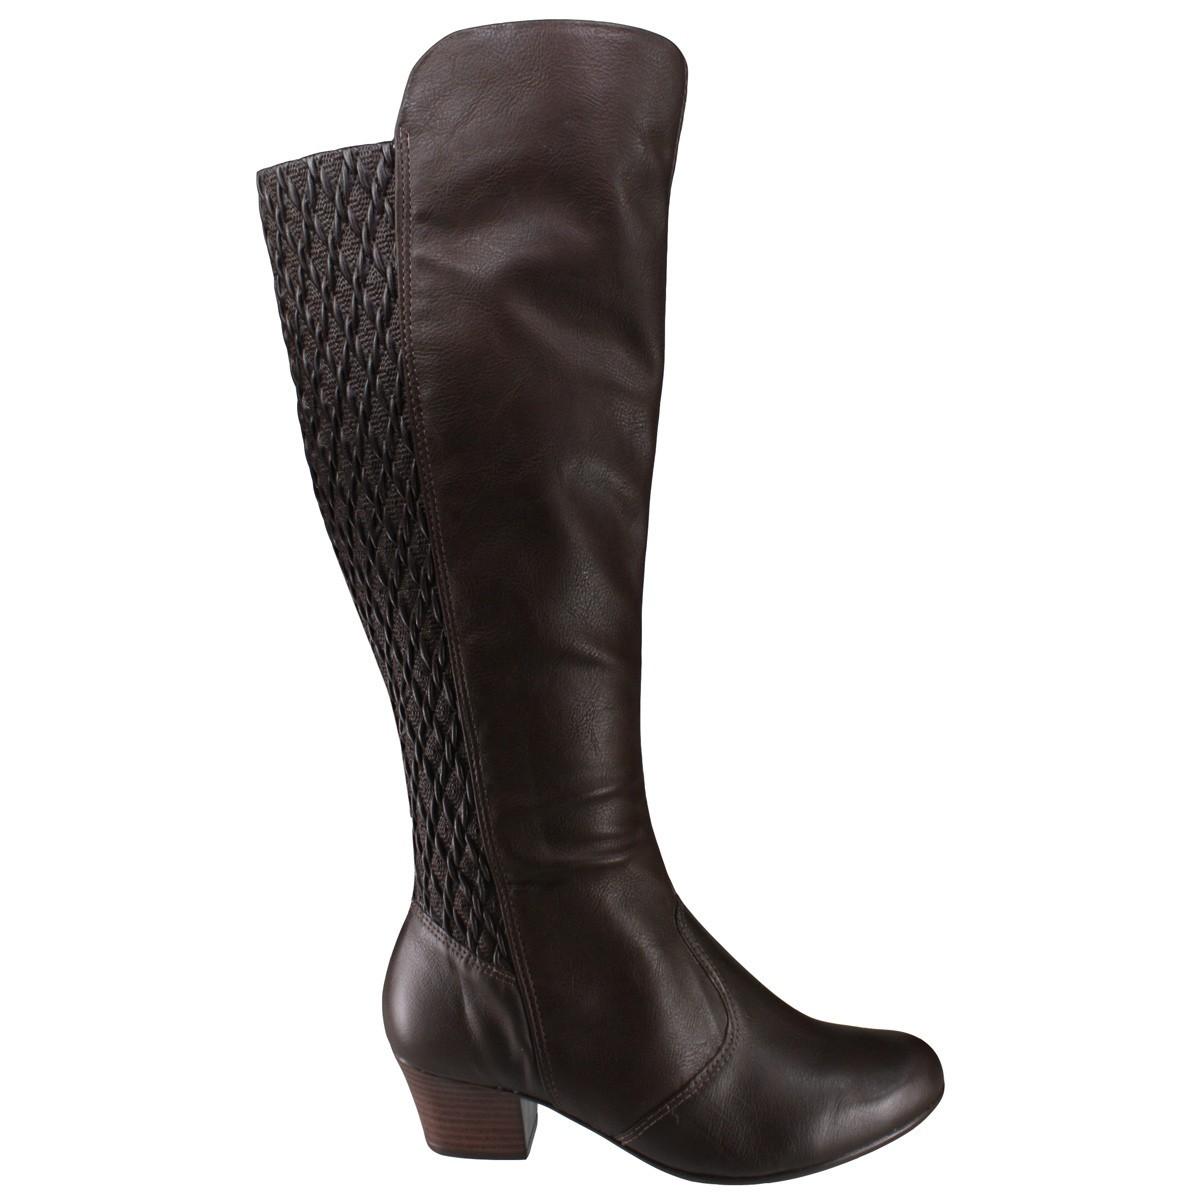 Bizz Store - Bota Feminina Comfortflex Soft Cano Alto Couro 99058cb584